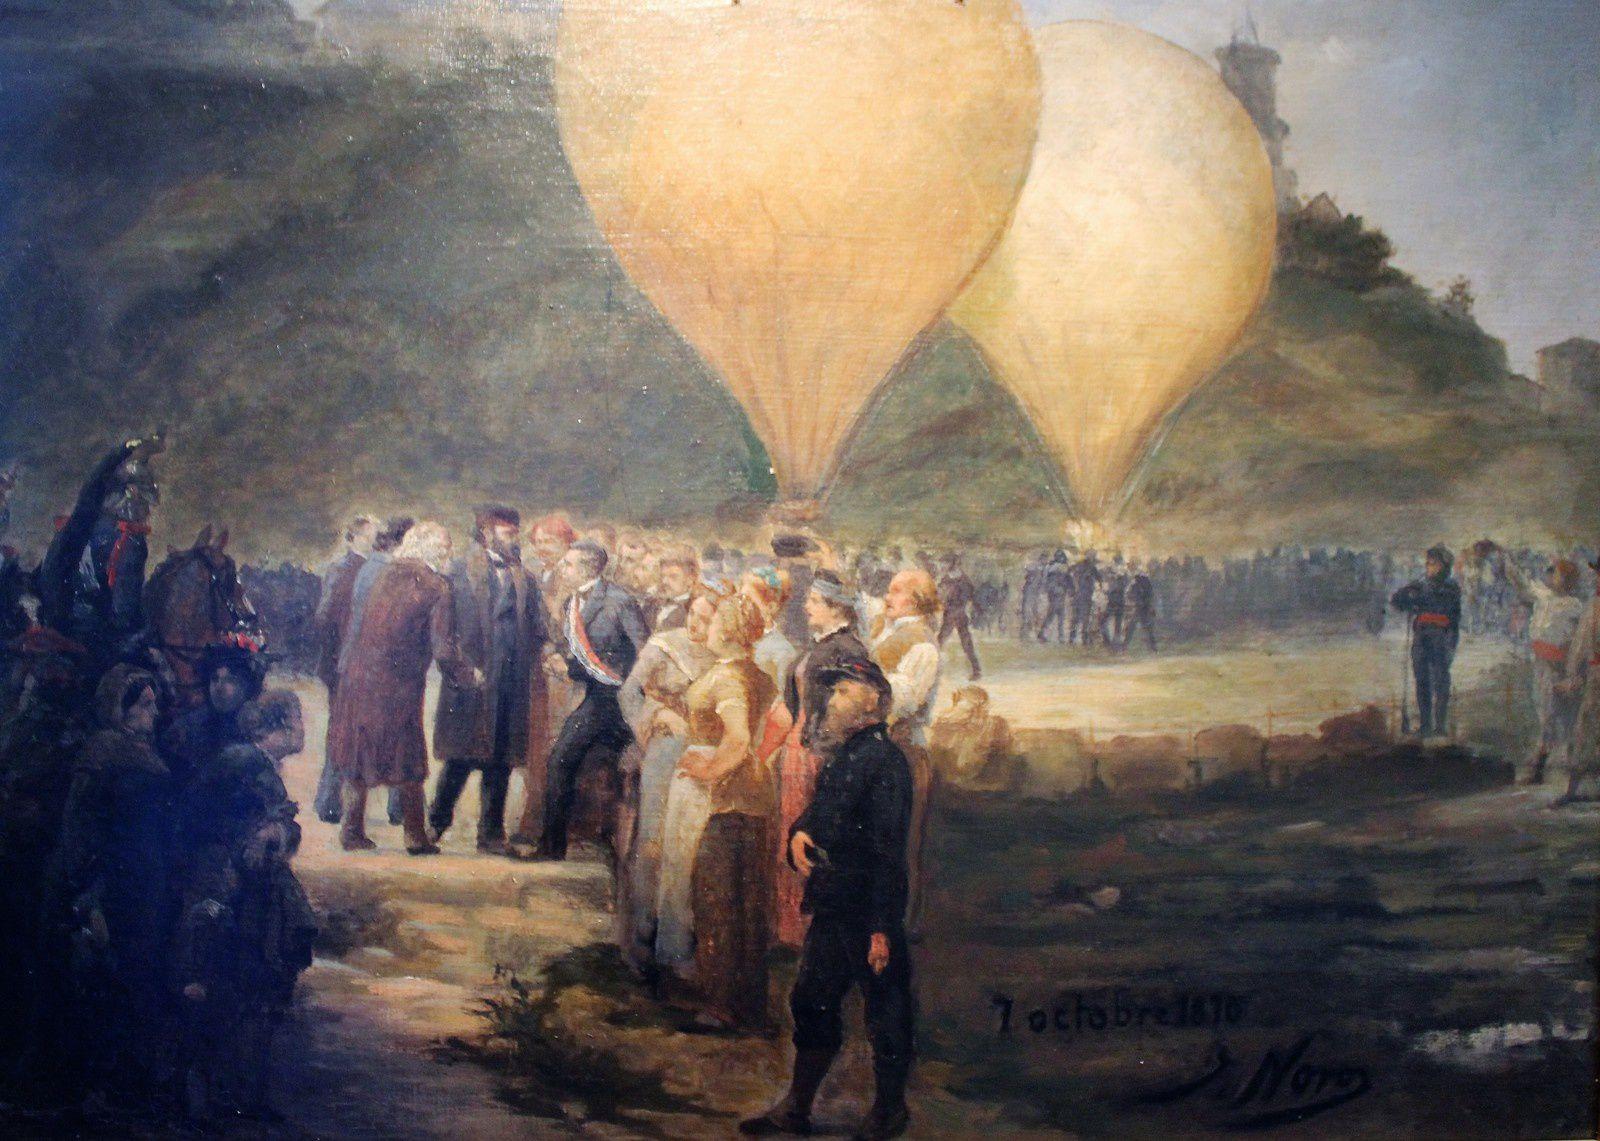 Le même événement peint par Noro (musée de Montmartre)